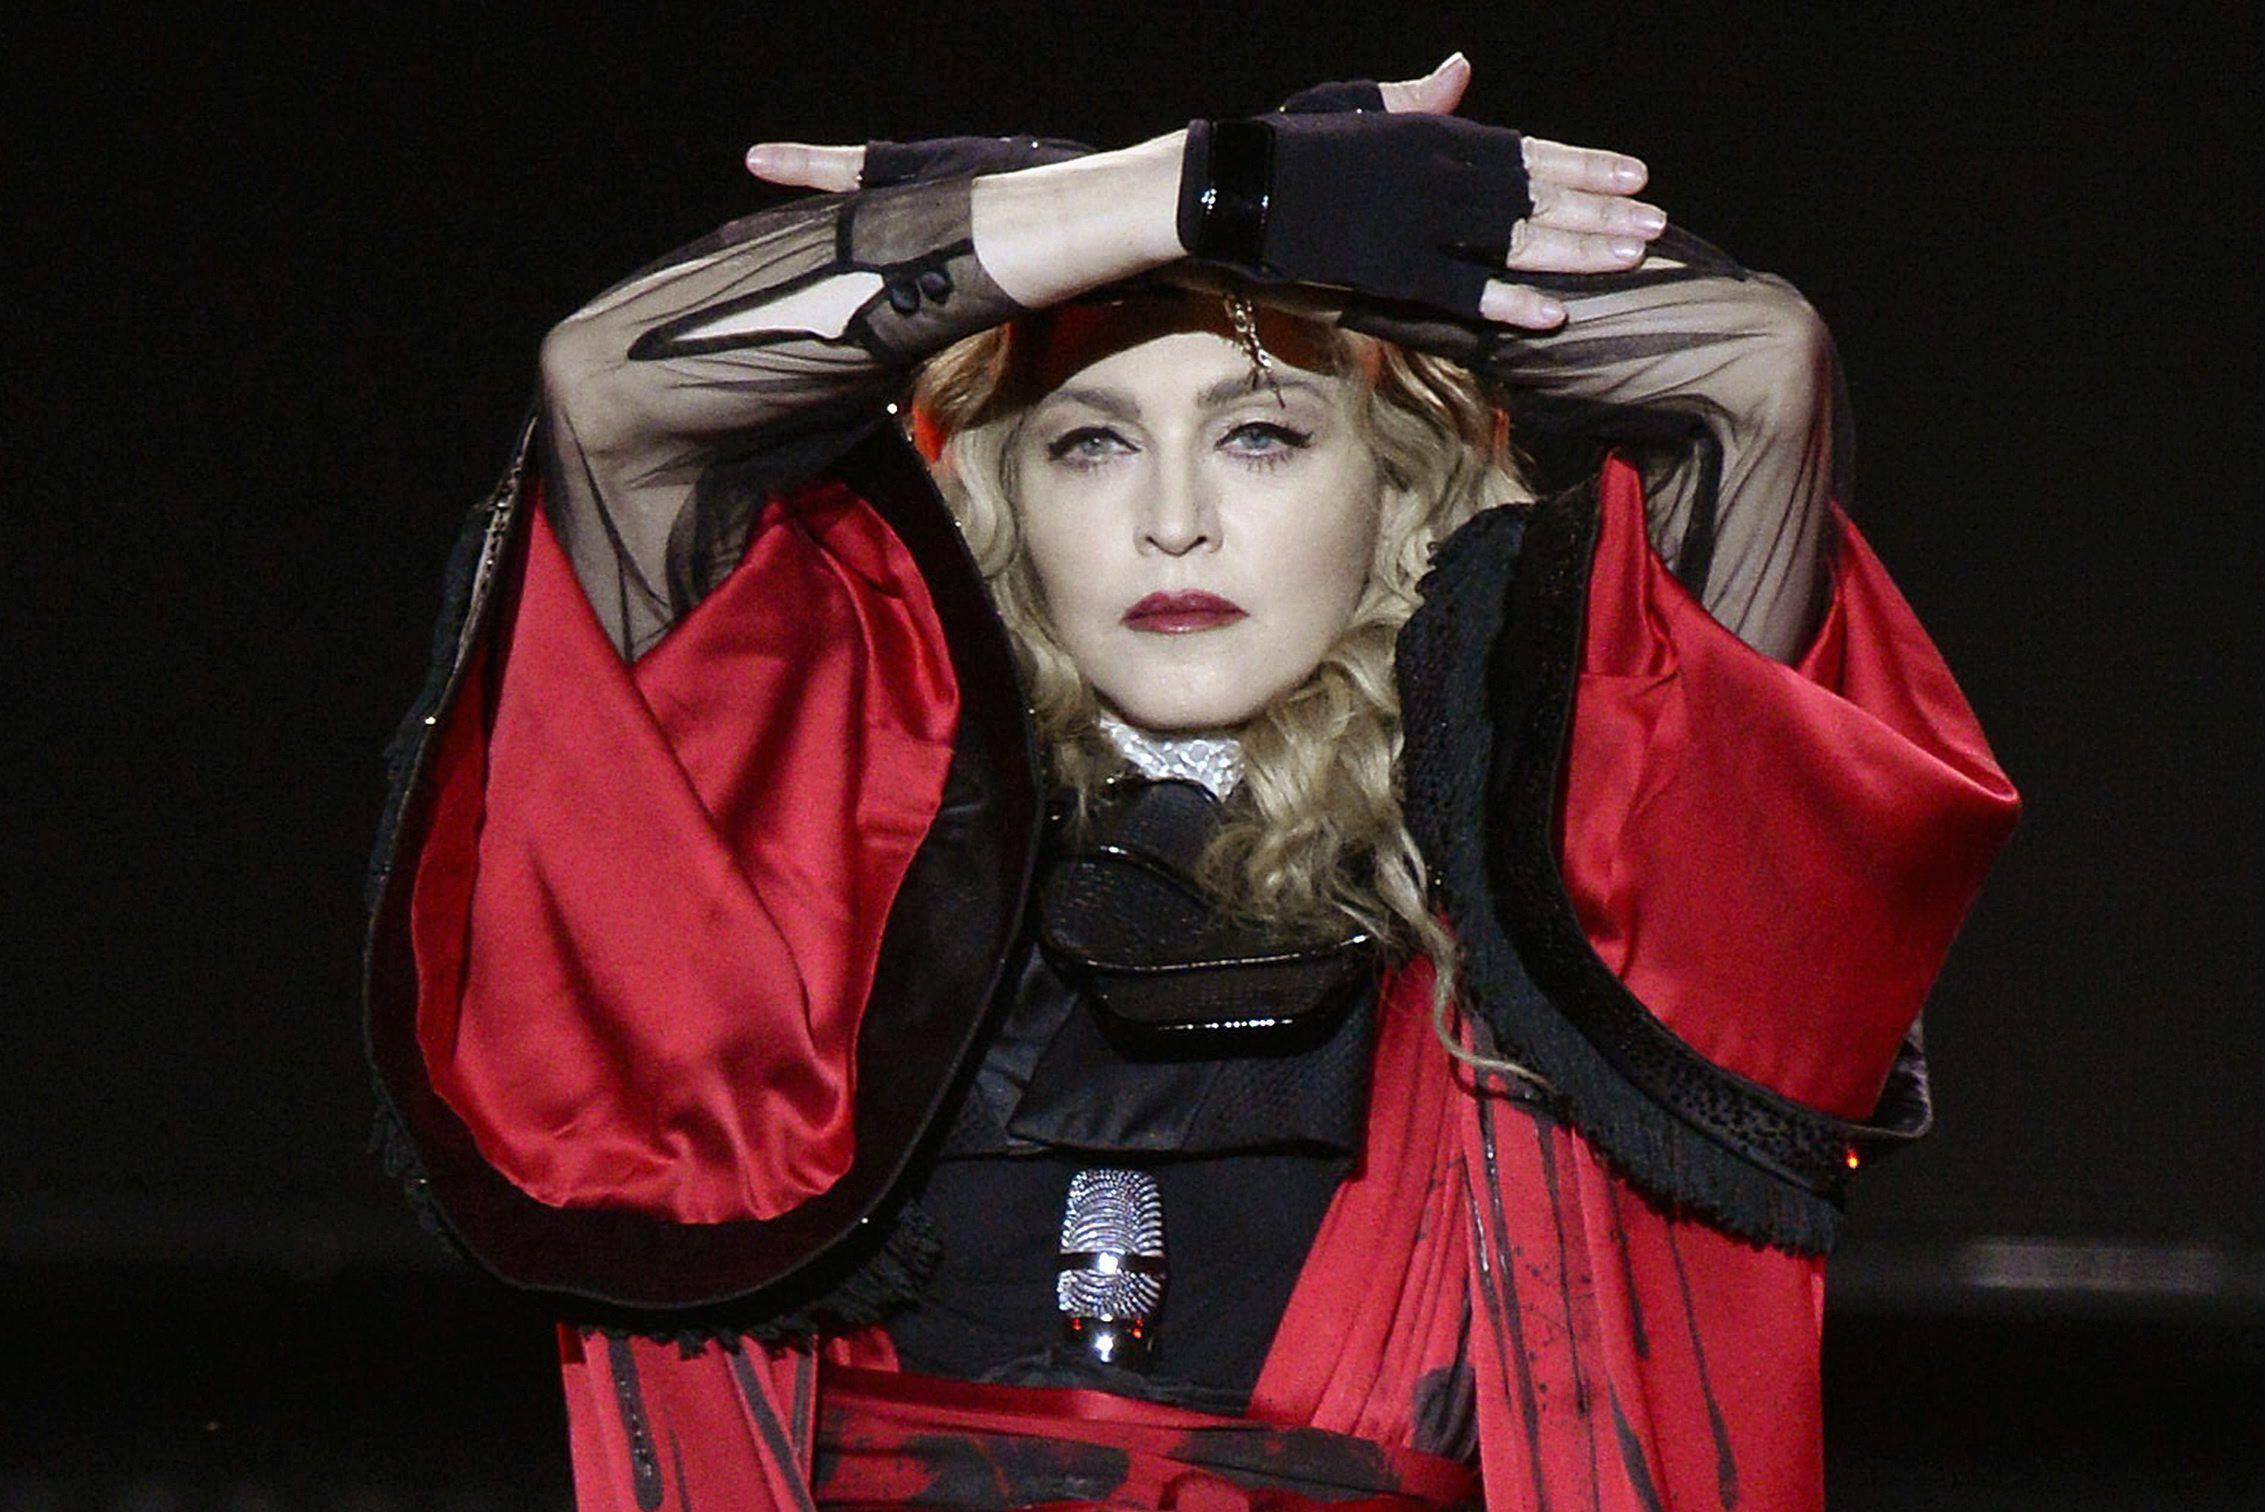 El Madonna Rosalía De Pagar A Revela Que Se Negó Ella Caché IYbf7gy6v